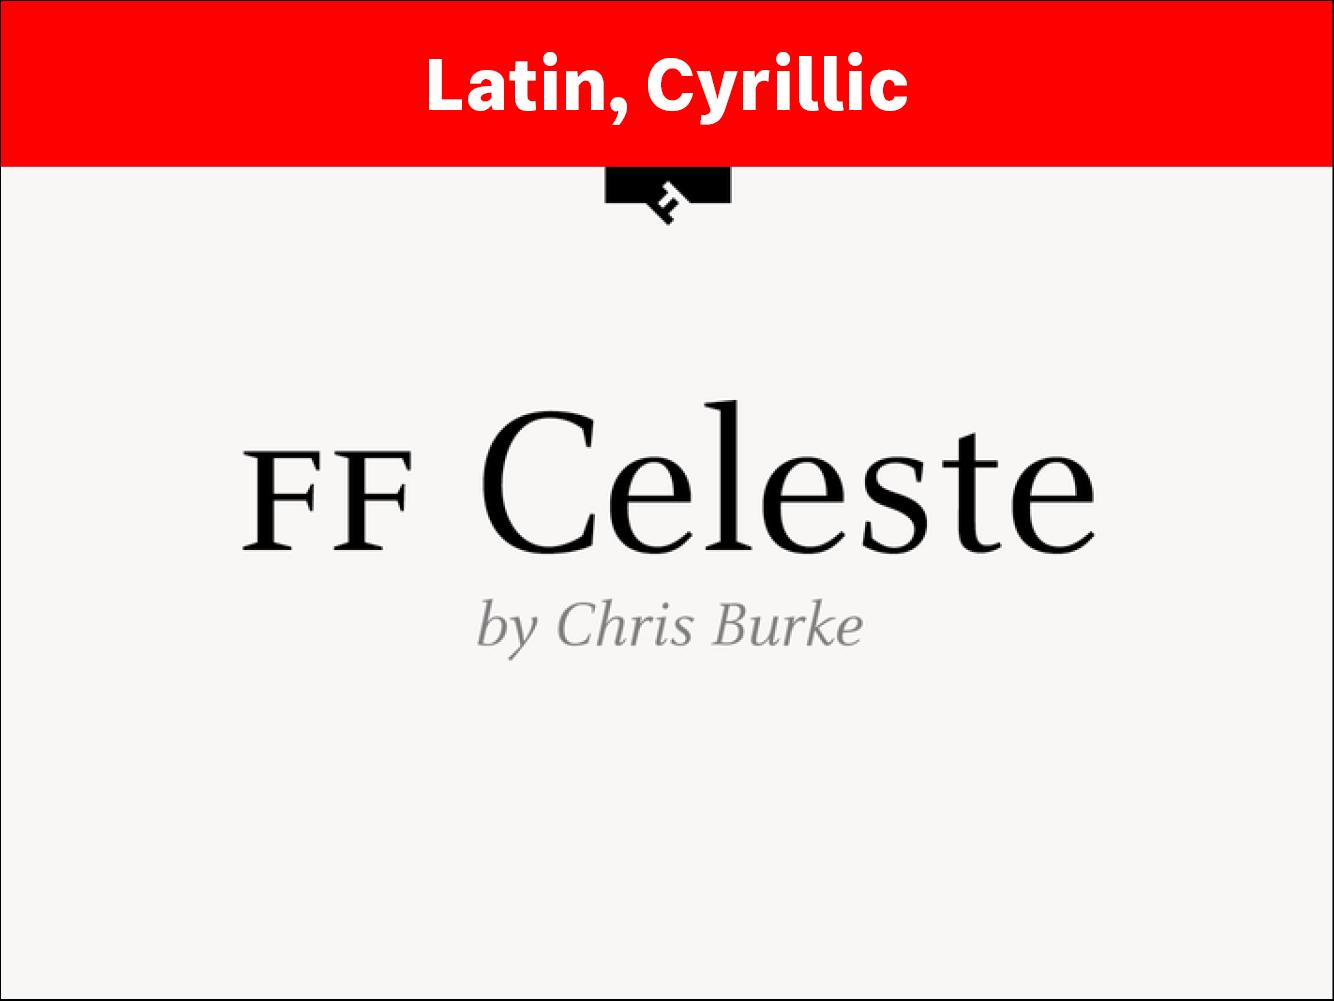 FF Celeste